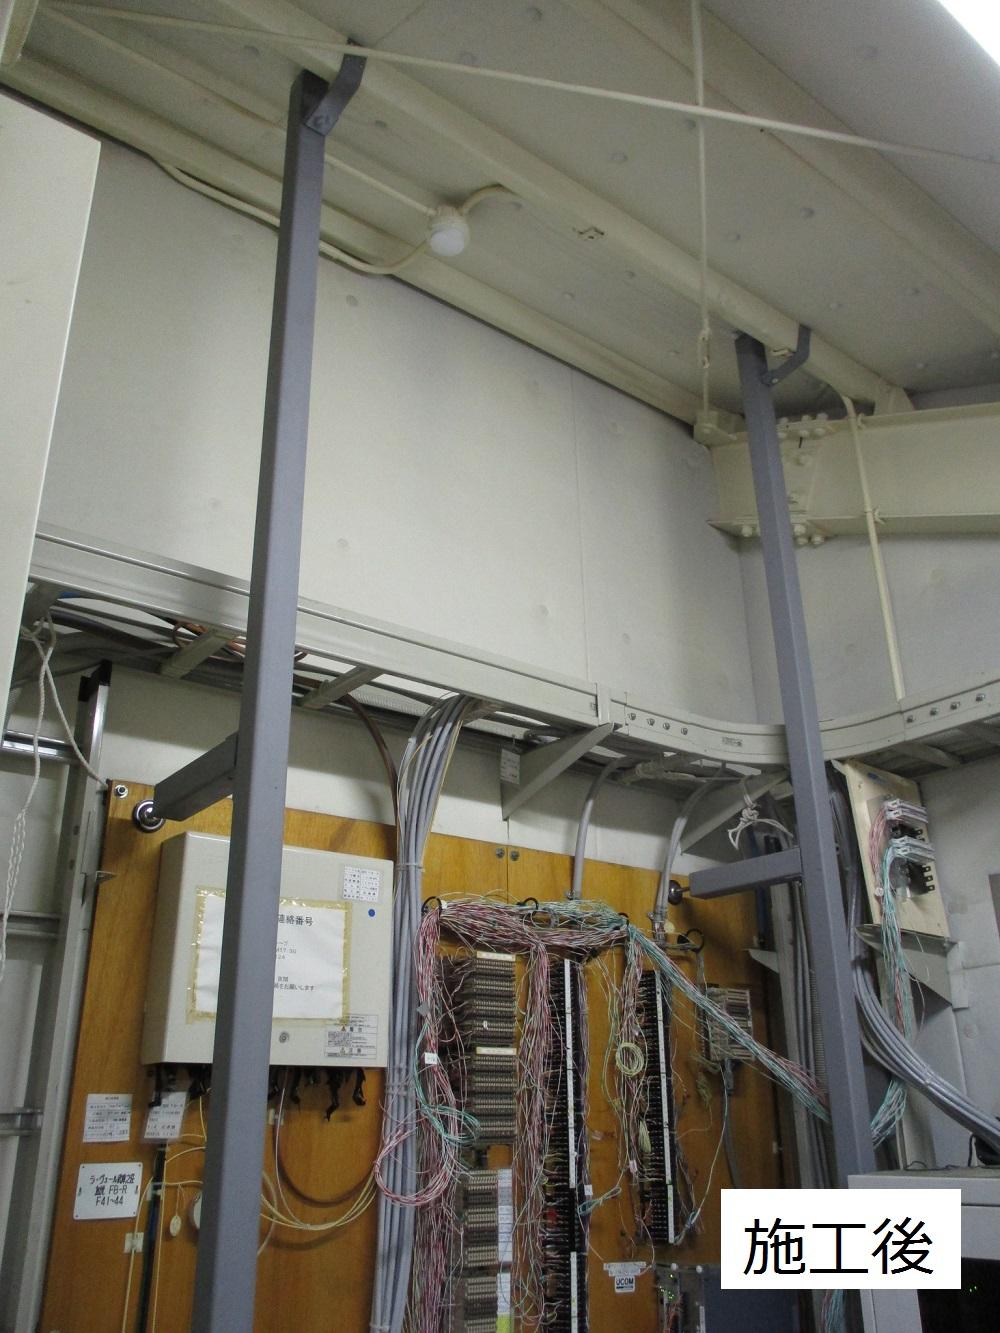 尼崎市 マンション MDF室配線板修繕工事イメージ02